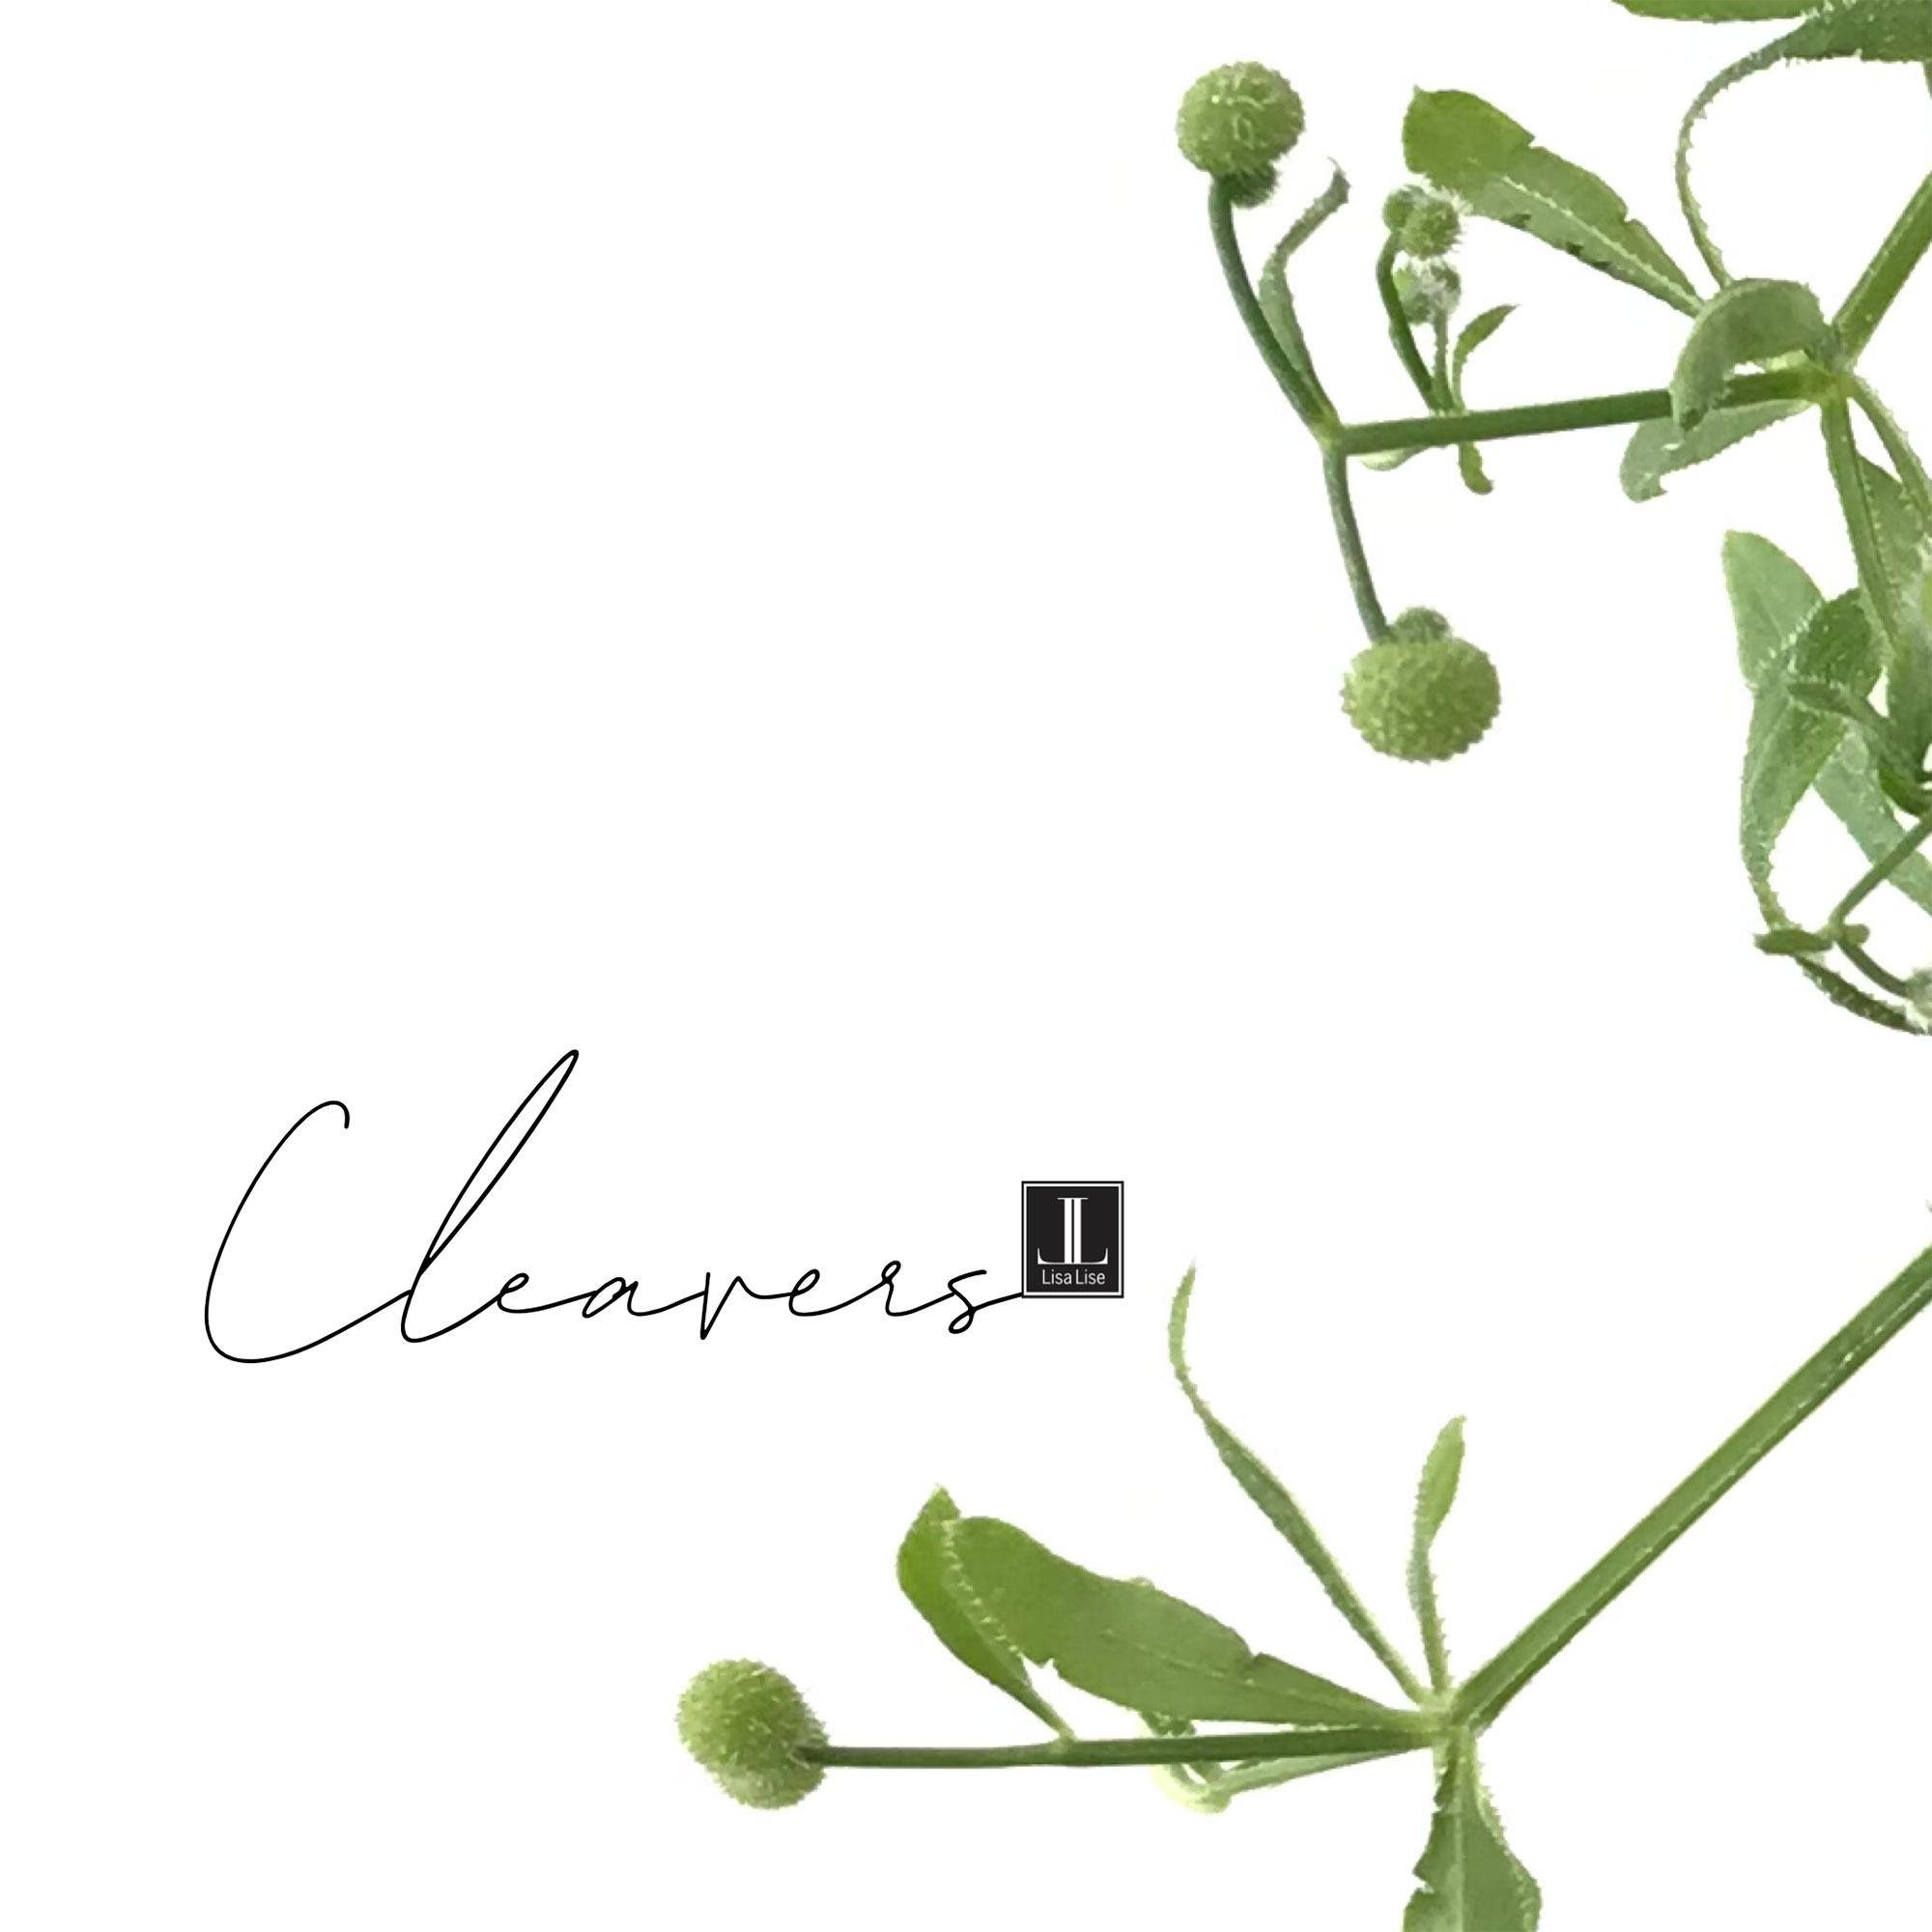 J-cleavers.jpg